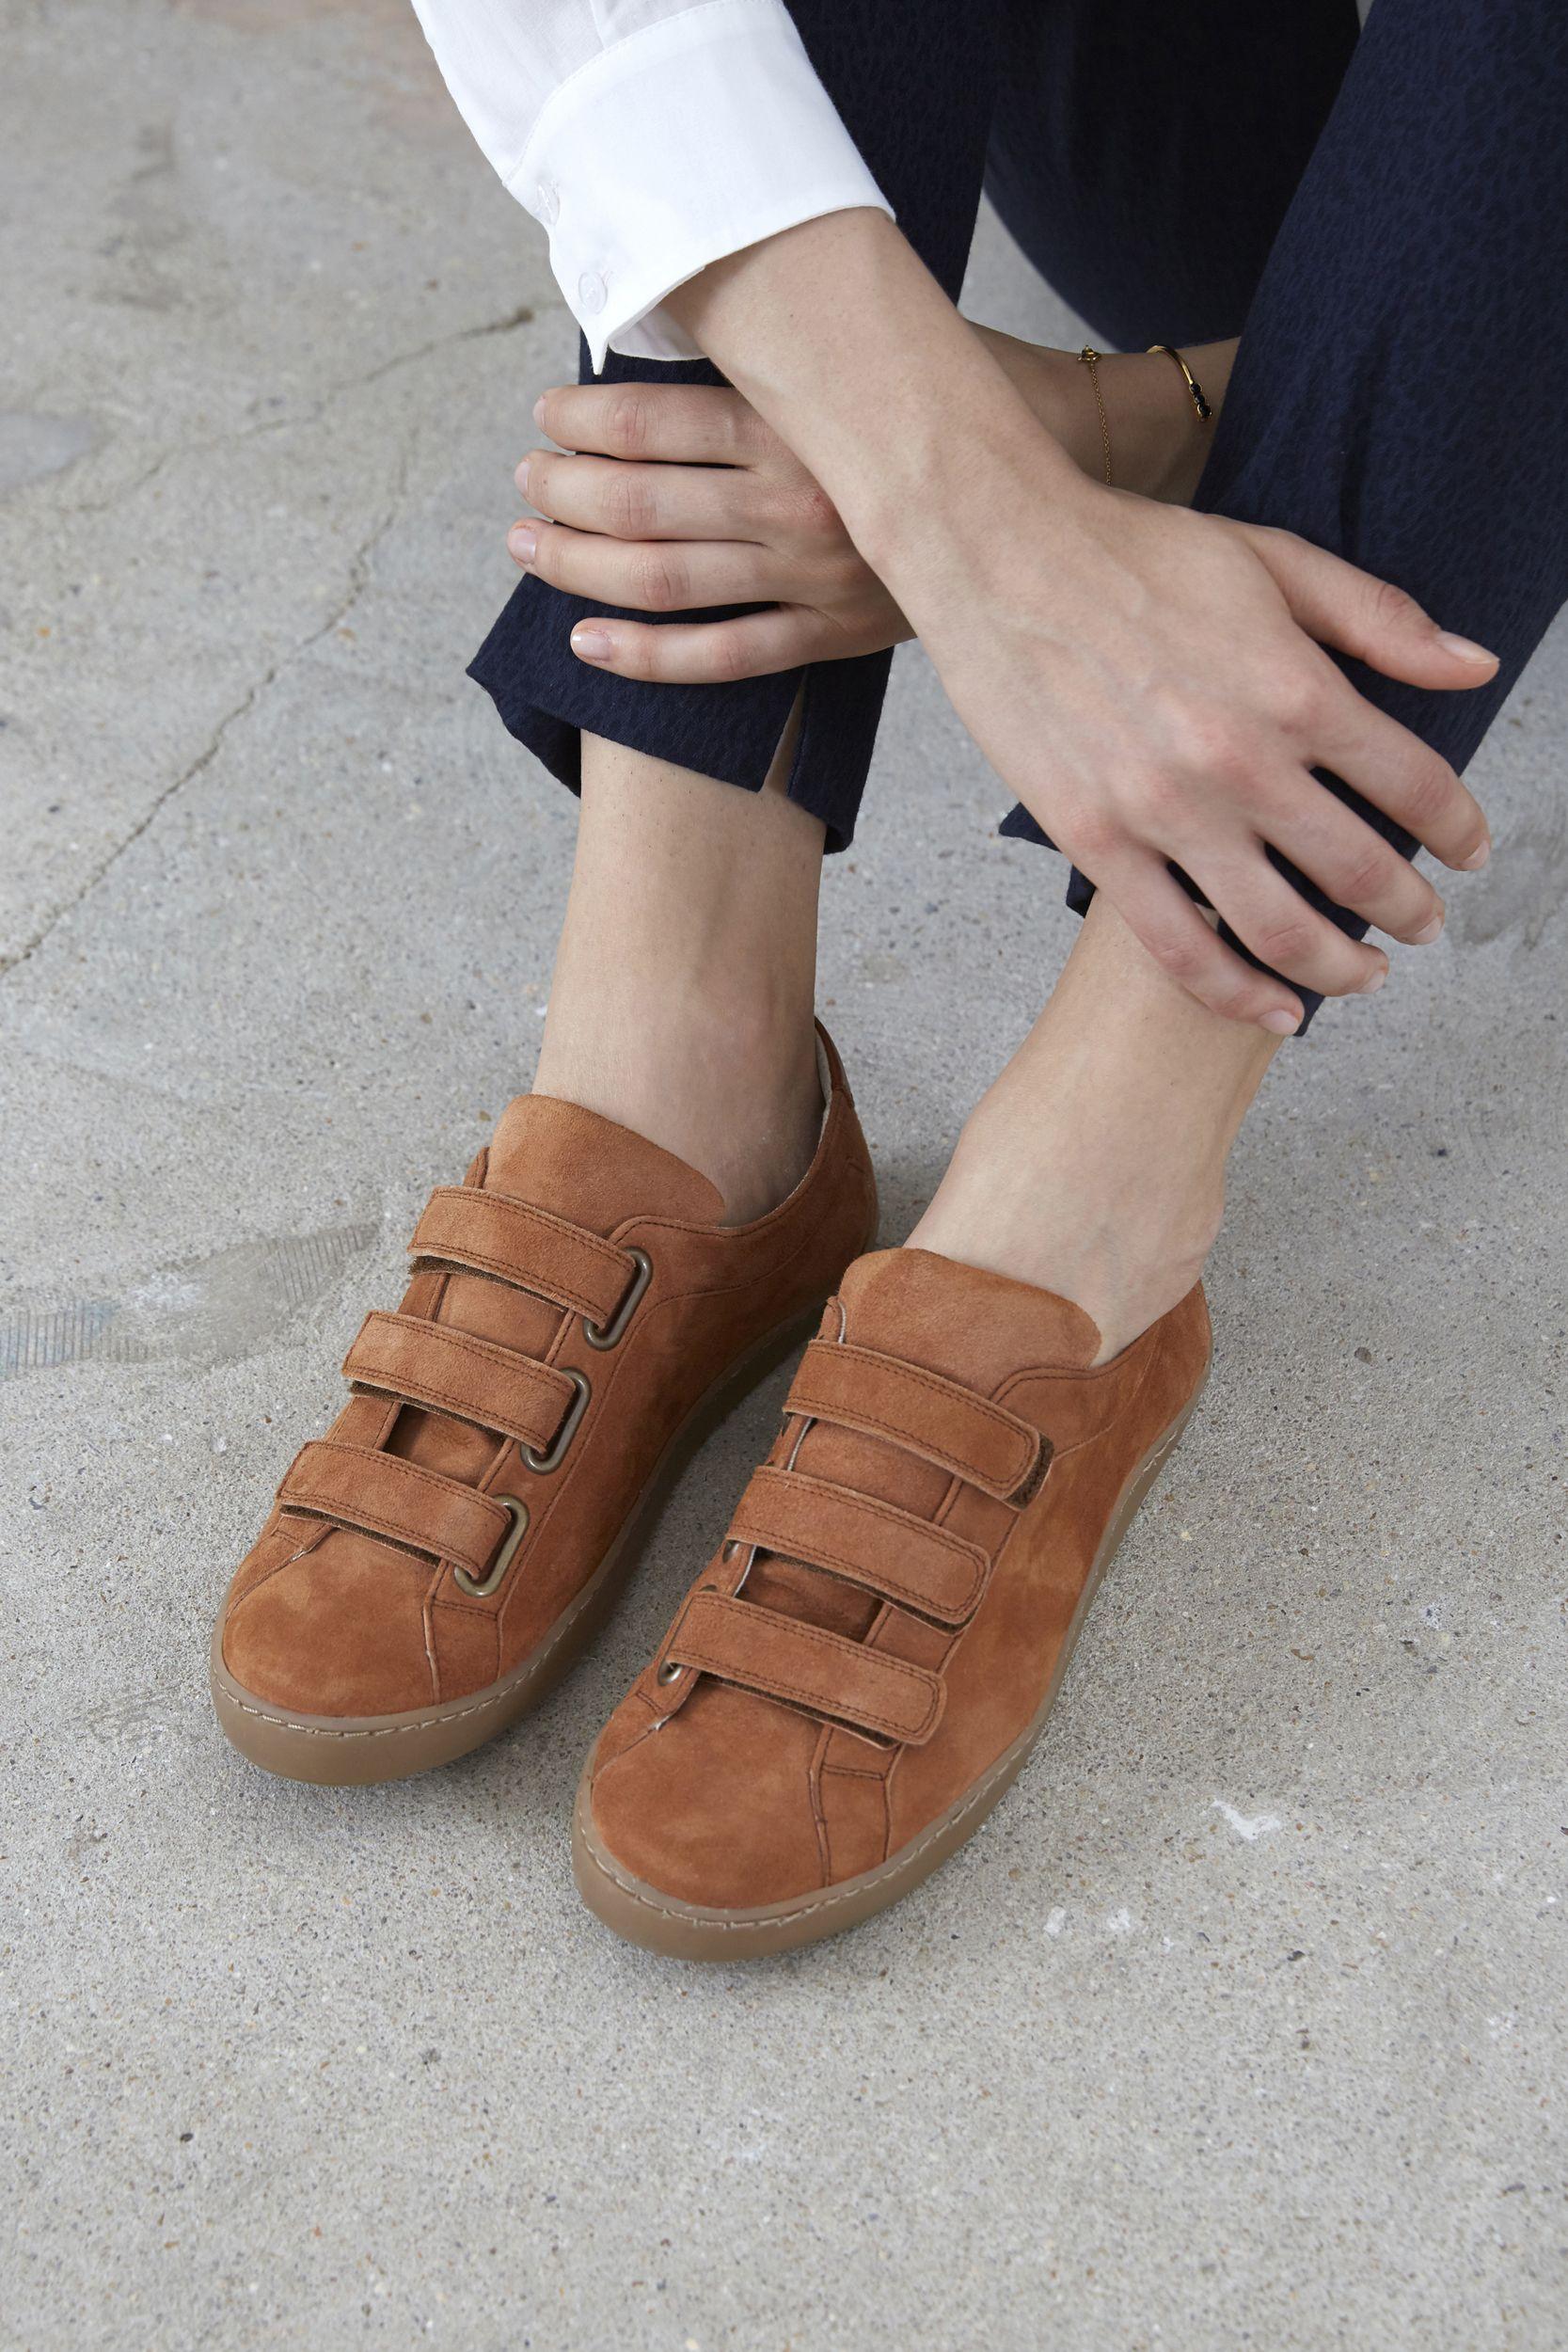 e5a9f029758c Baskets Honoré à scratch noisette Chaussure Ballerine, Chaussures Femme,  Chaussures Basses, Boutique Vetement